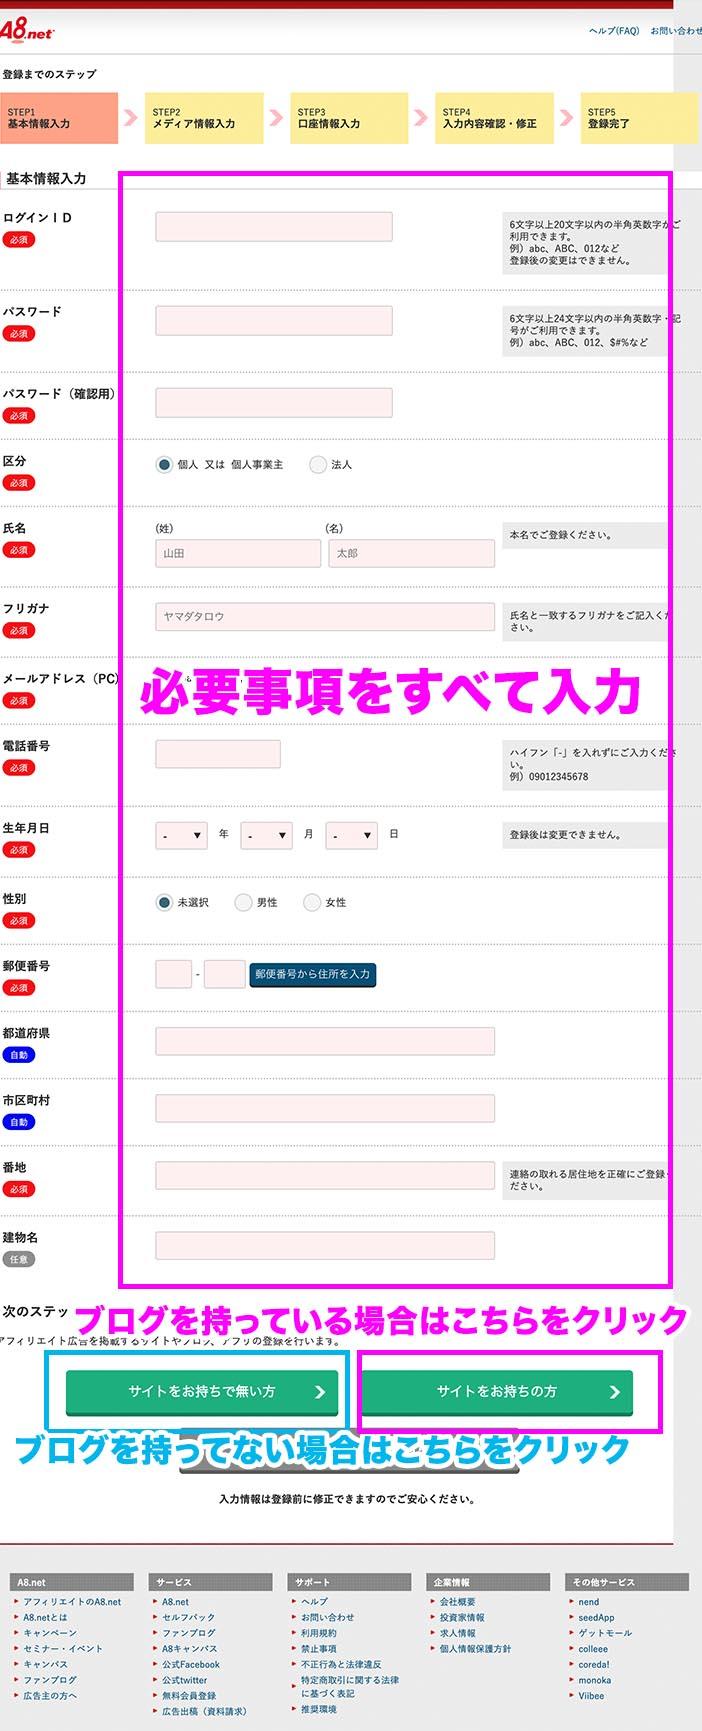 ②本登録ページで基本情報を入力_基本情報の入力